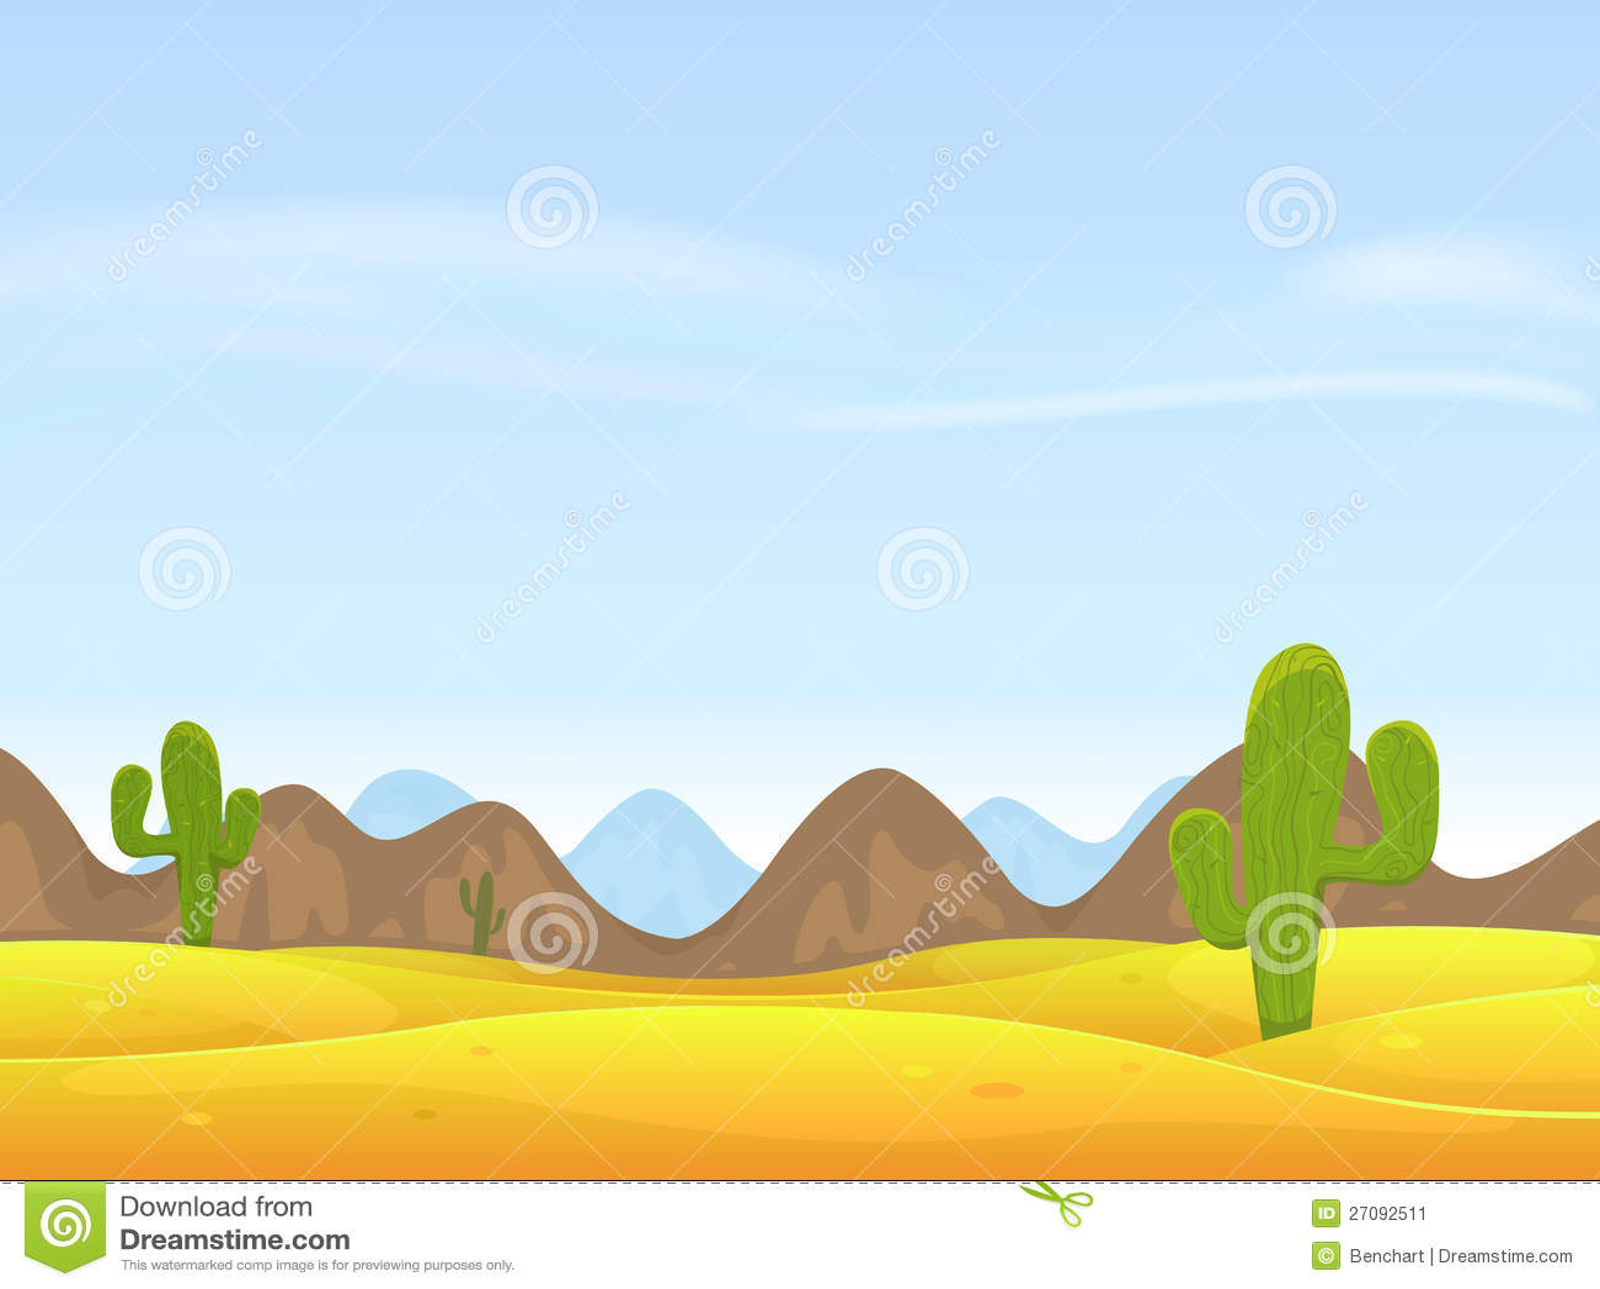 Desert Landscape Background Western Desert Clipart